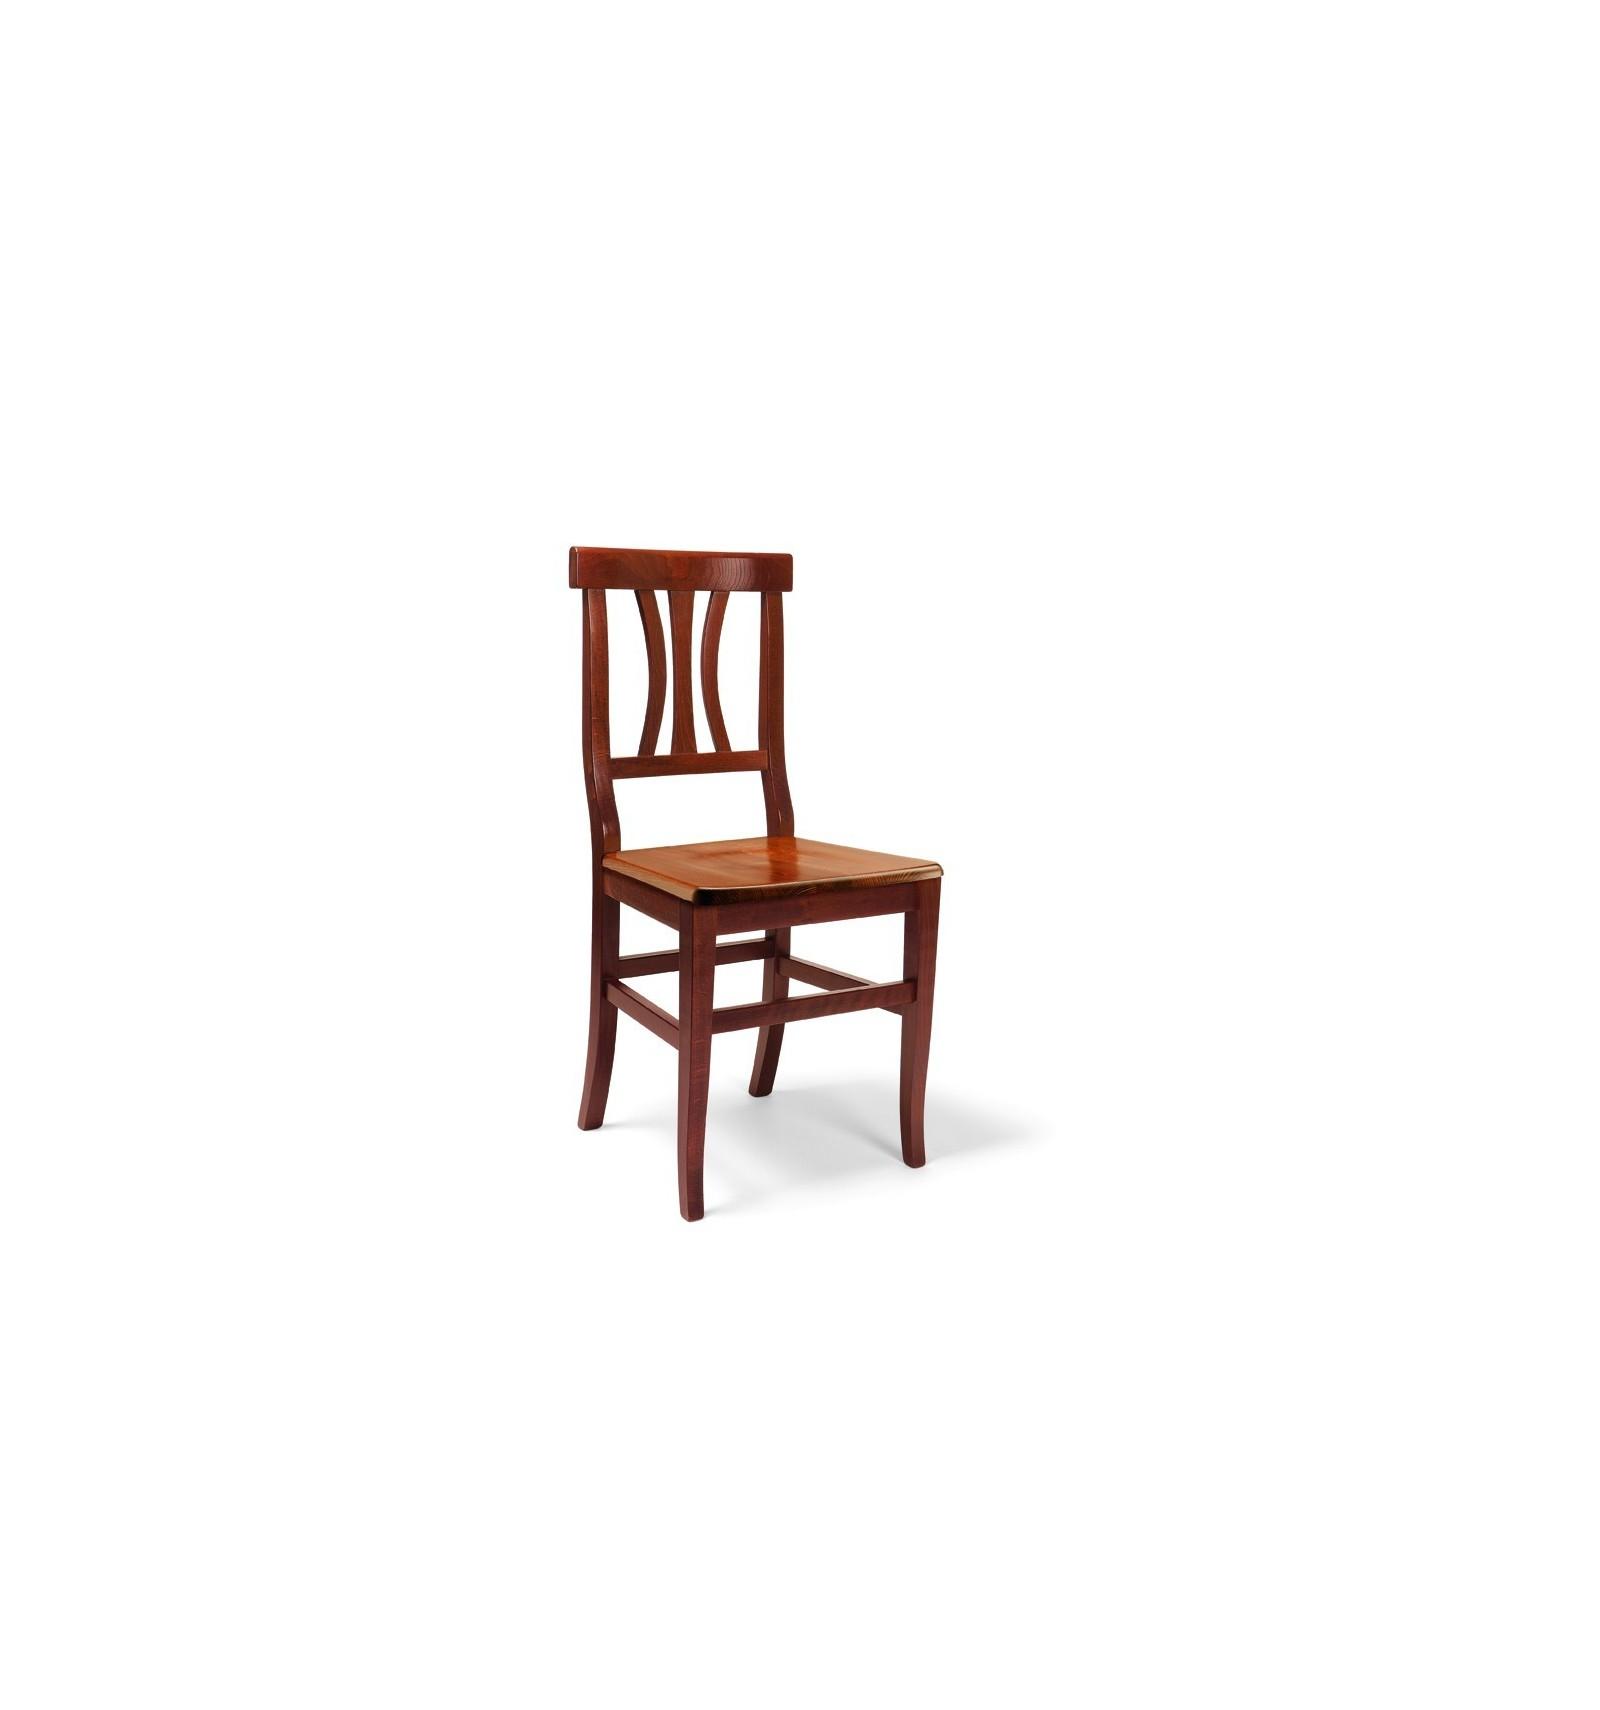 2 sedie classiche sedile legno sedie cucina sala soggiorno for Sedie in legno per soggiorno